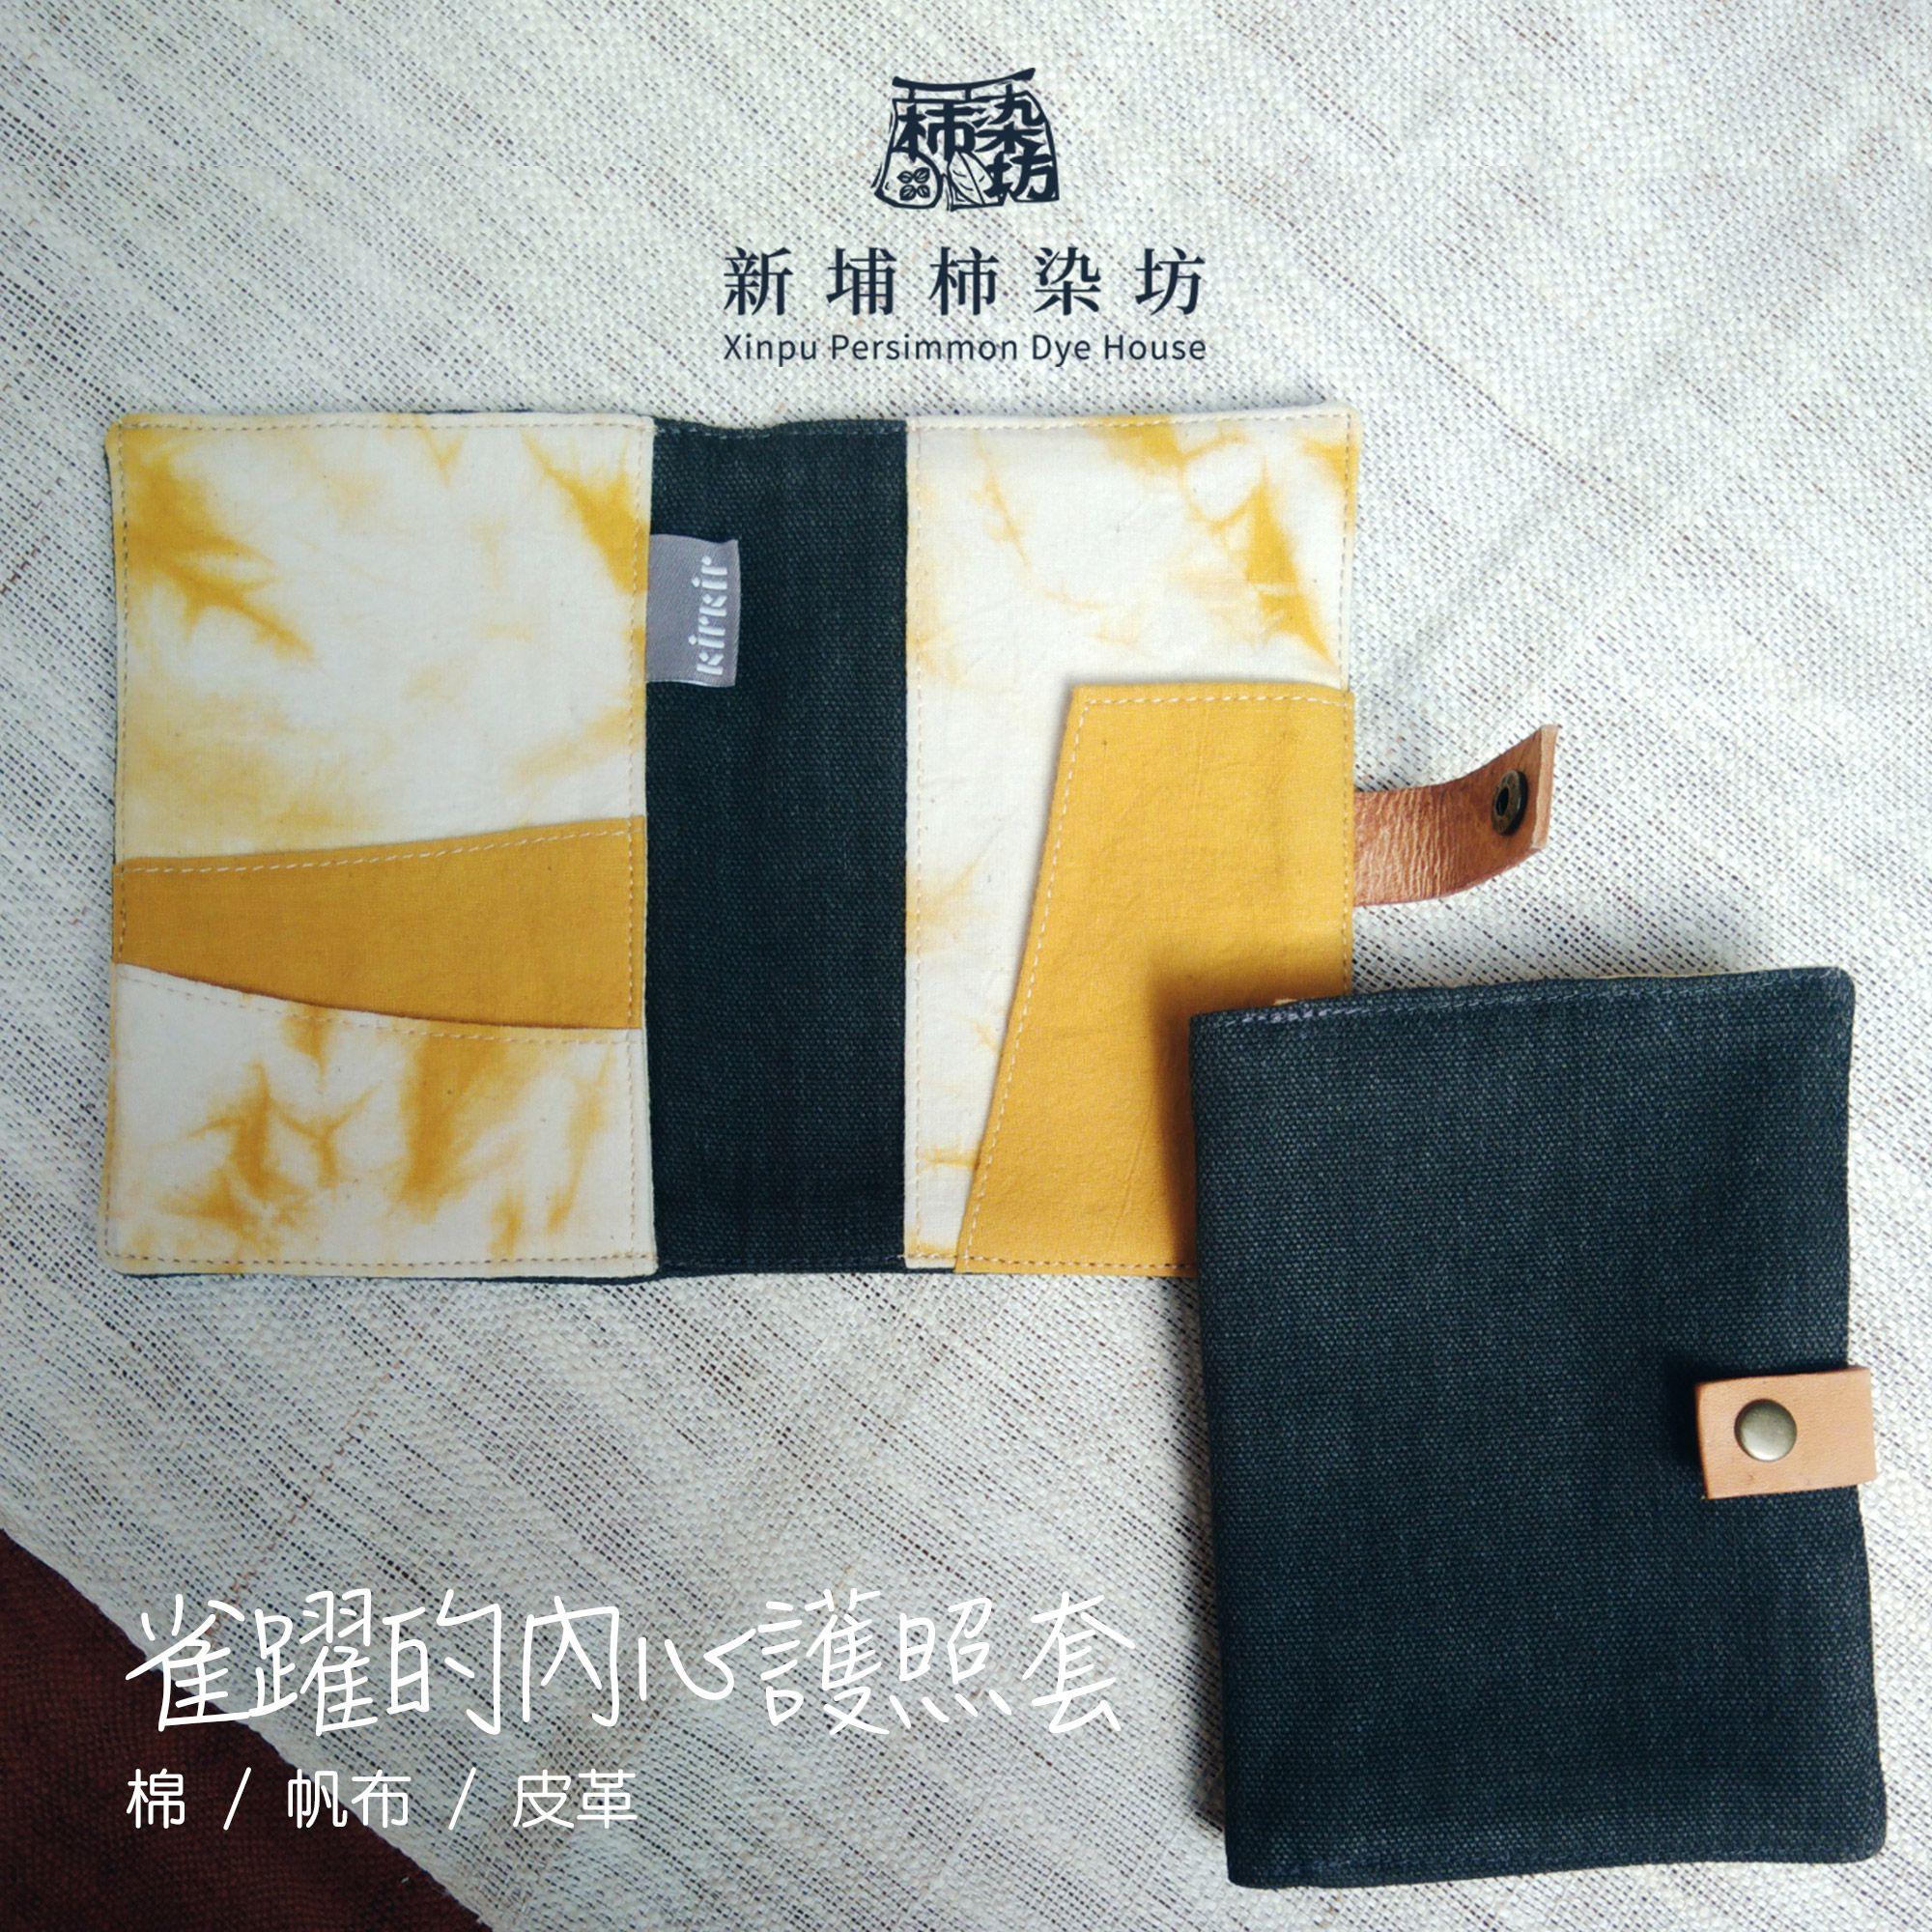 【新埔柿染坊】雀躍的內心護照套,多夾層的設計能夠放入護照、票根、單據以及信用卡等